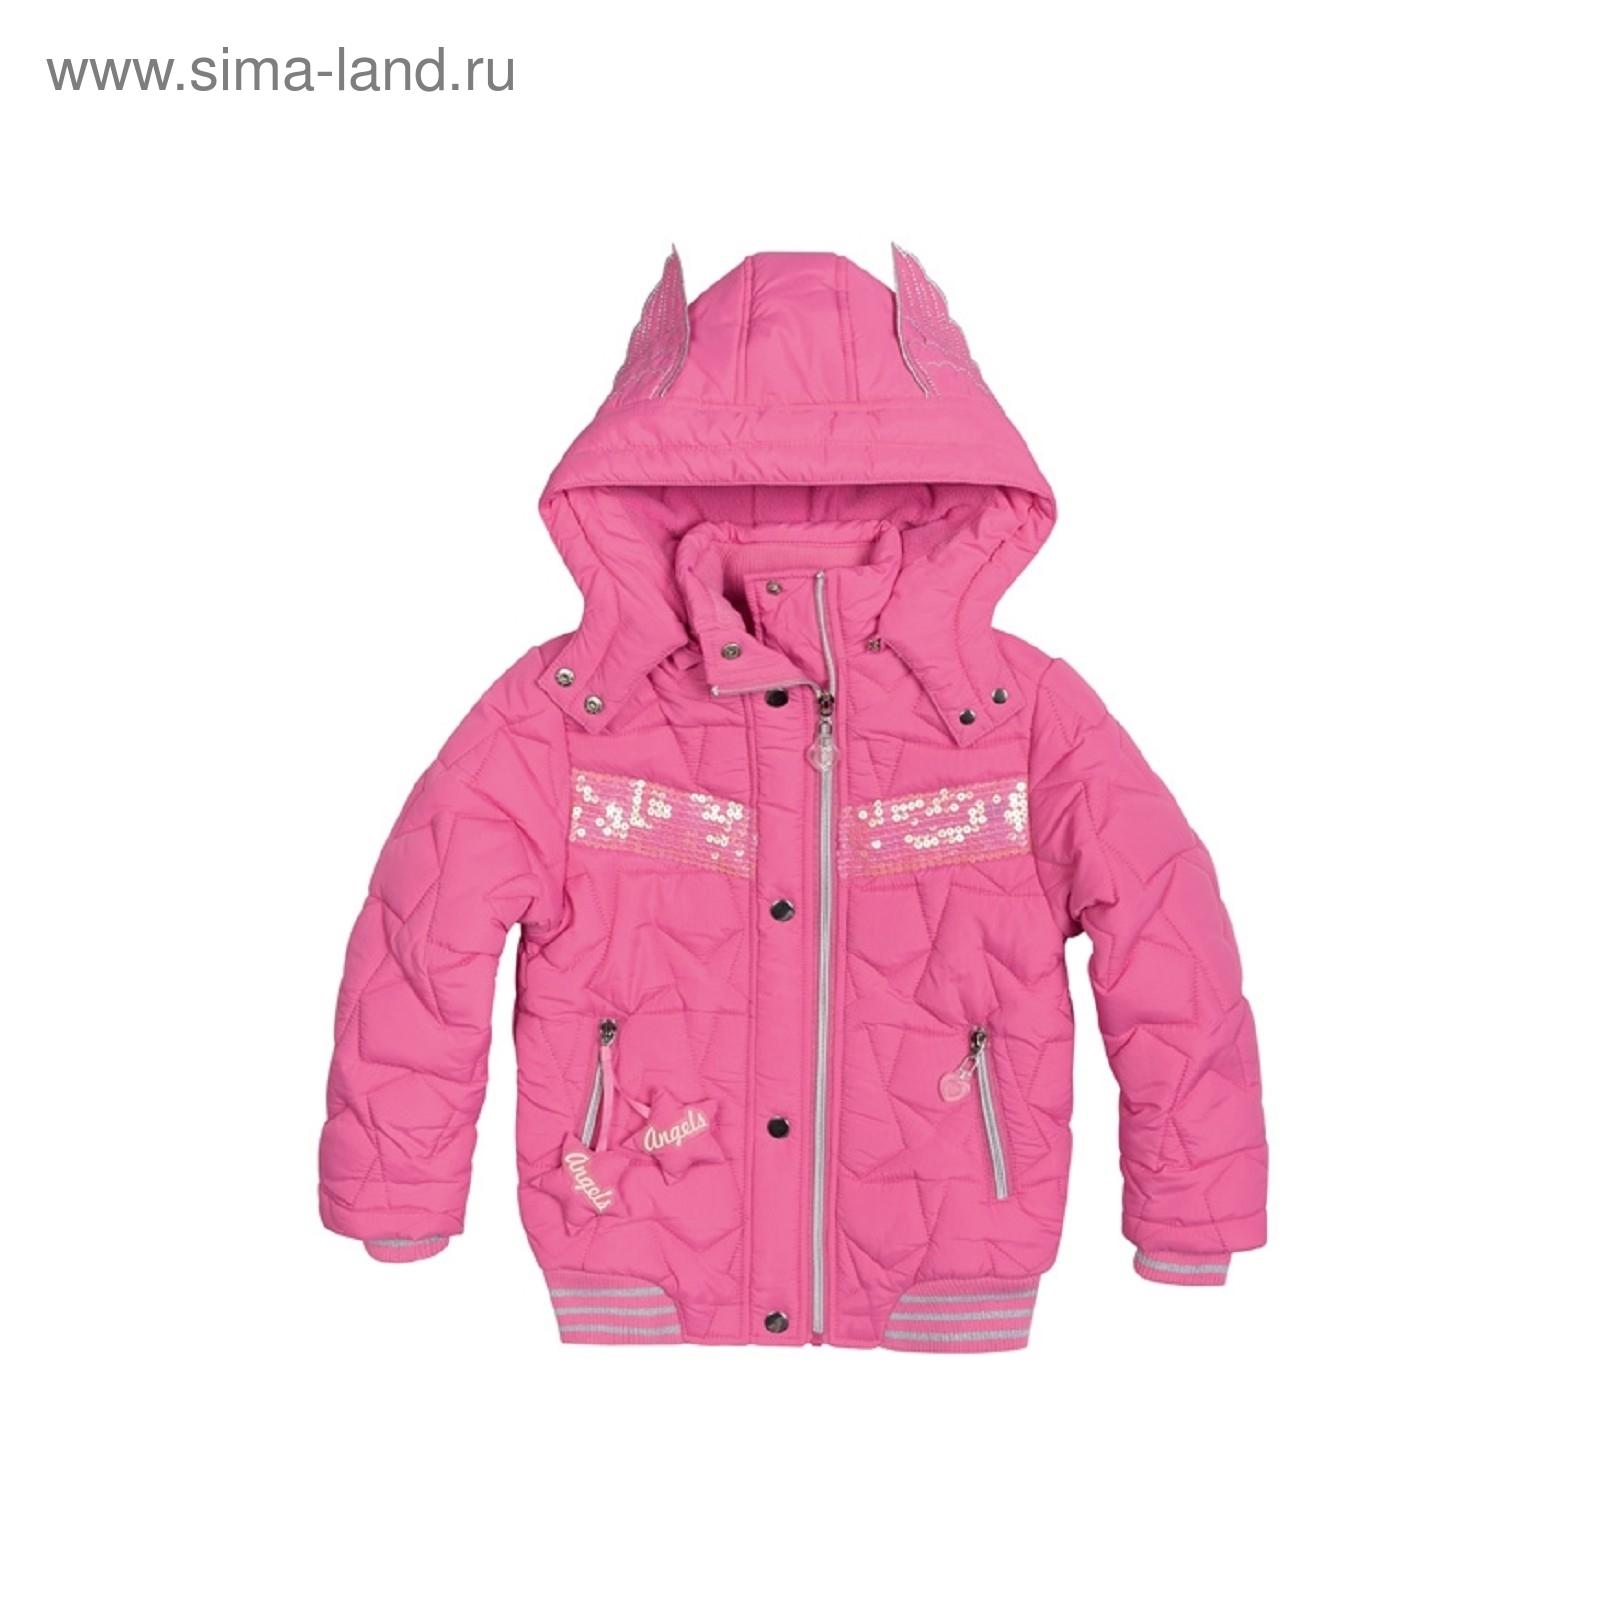 5af2e083c9d0 Куртка для девочки, возраст 6 лет, цвет розовый (GZWL380) - Купить ...